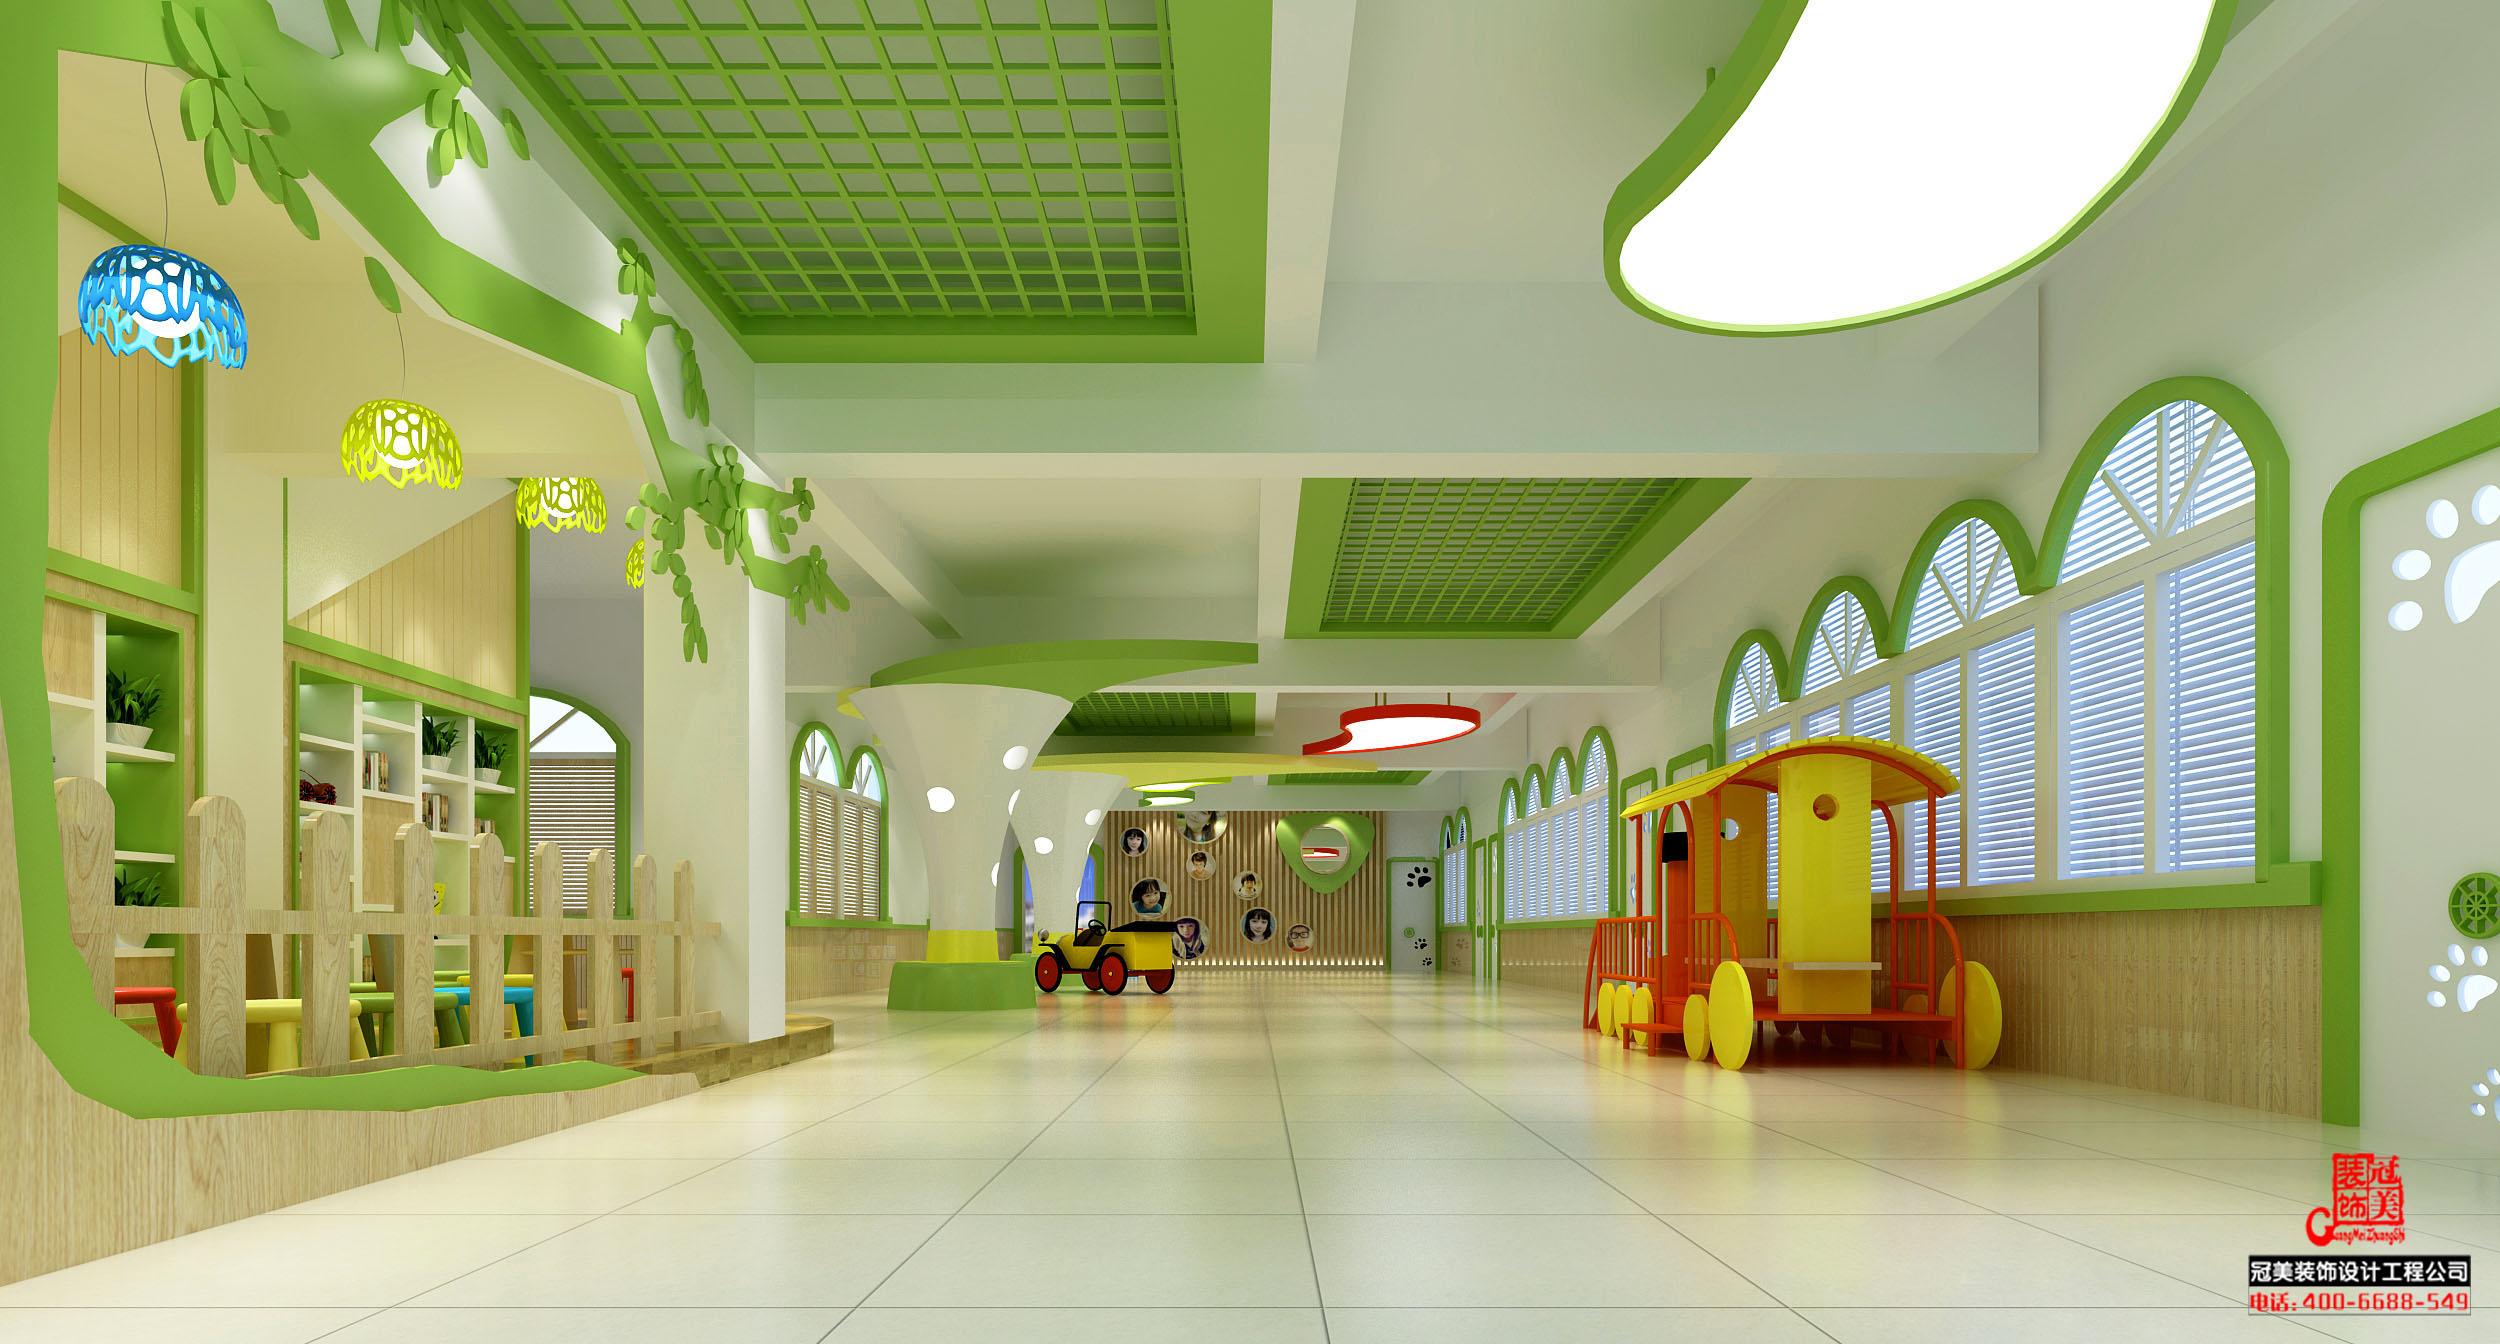 幼儿园设计案例 上一:鸡窝里的童话幼儿园 下一:动物奇幻王国幼儿园